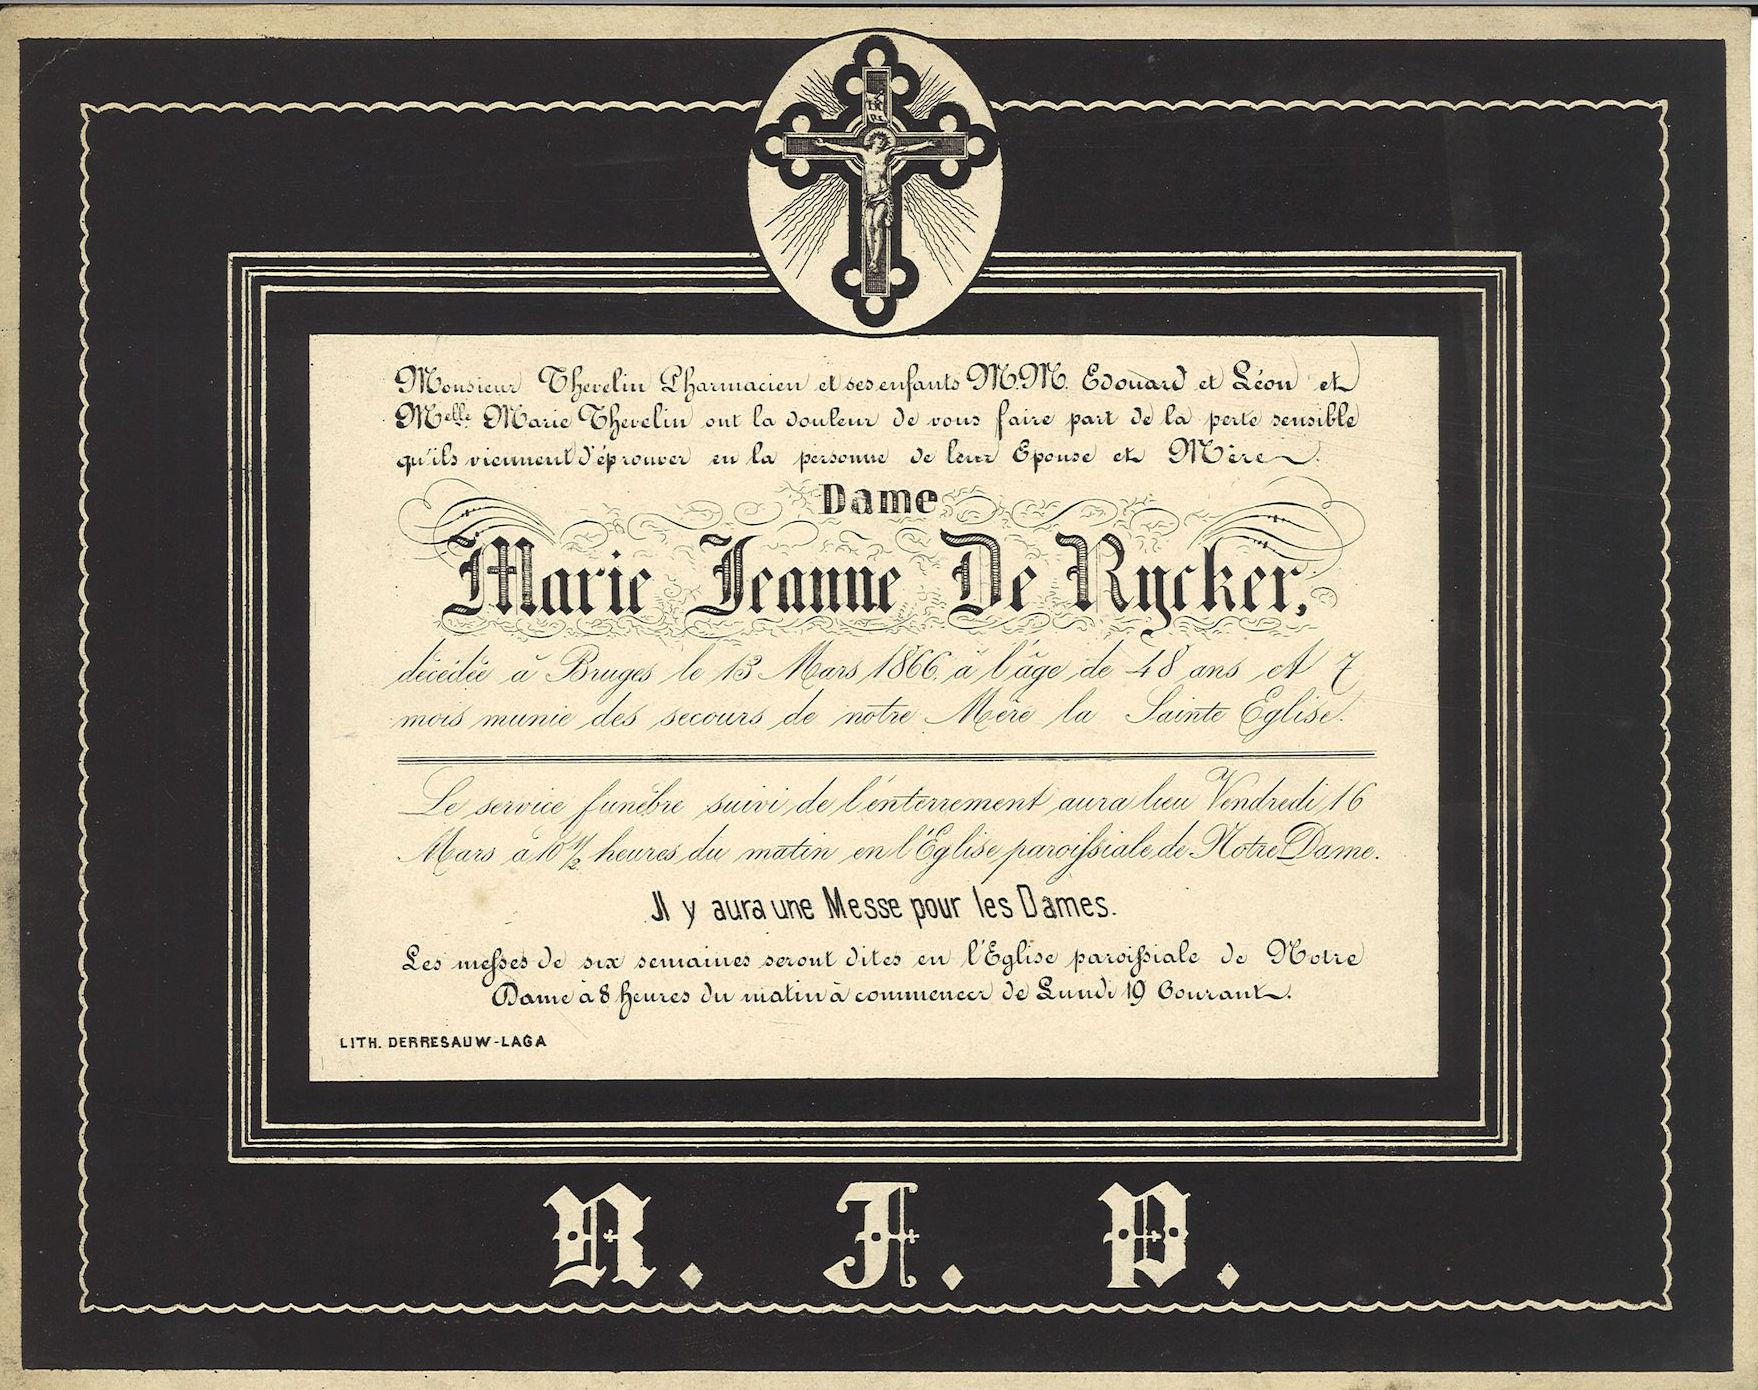 Marie Jeanne De Rycker